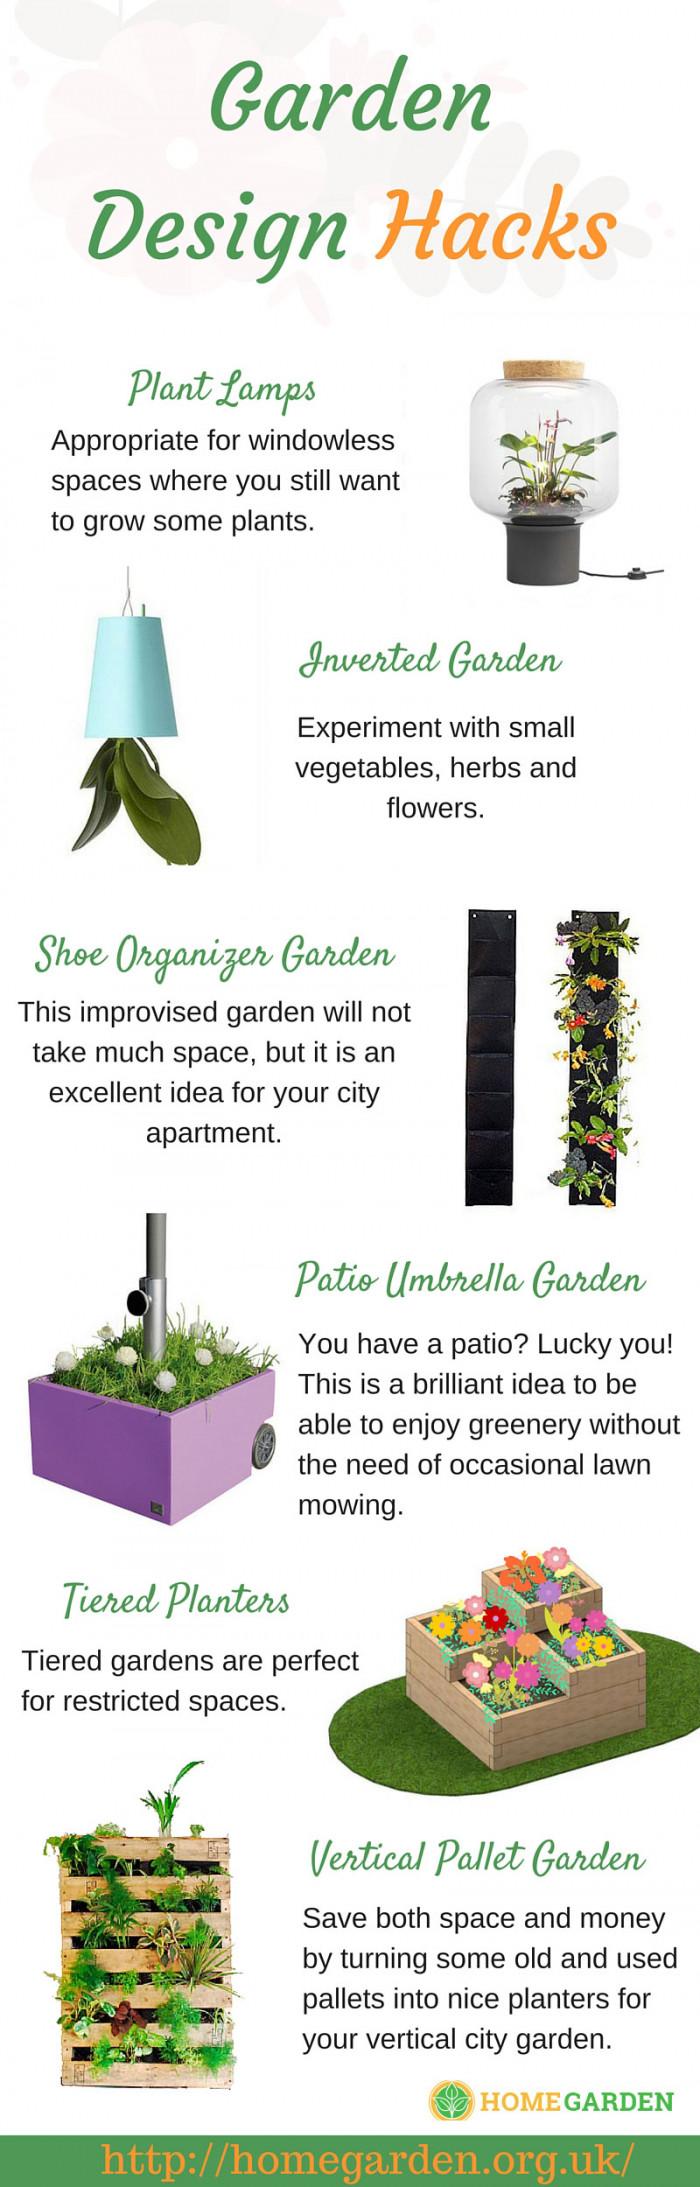 garden design hacks for small spaces ForGarden Design Hacks